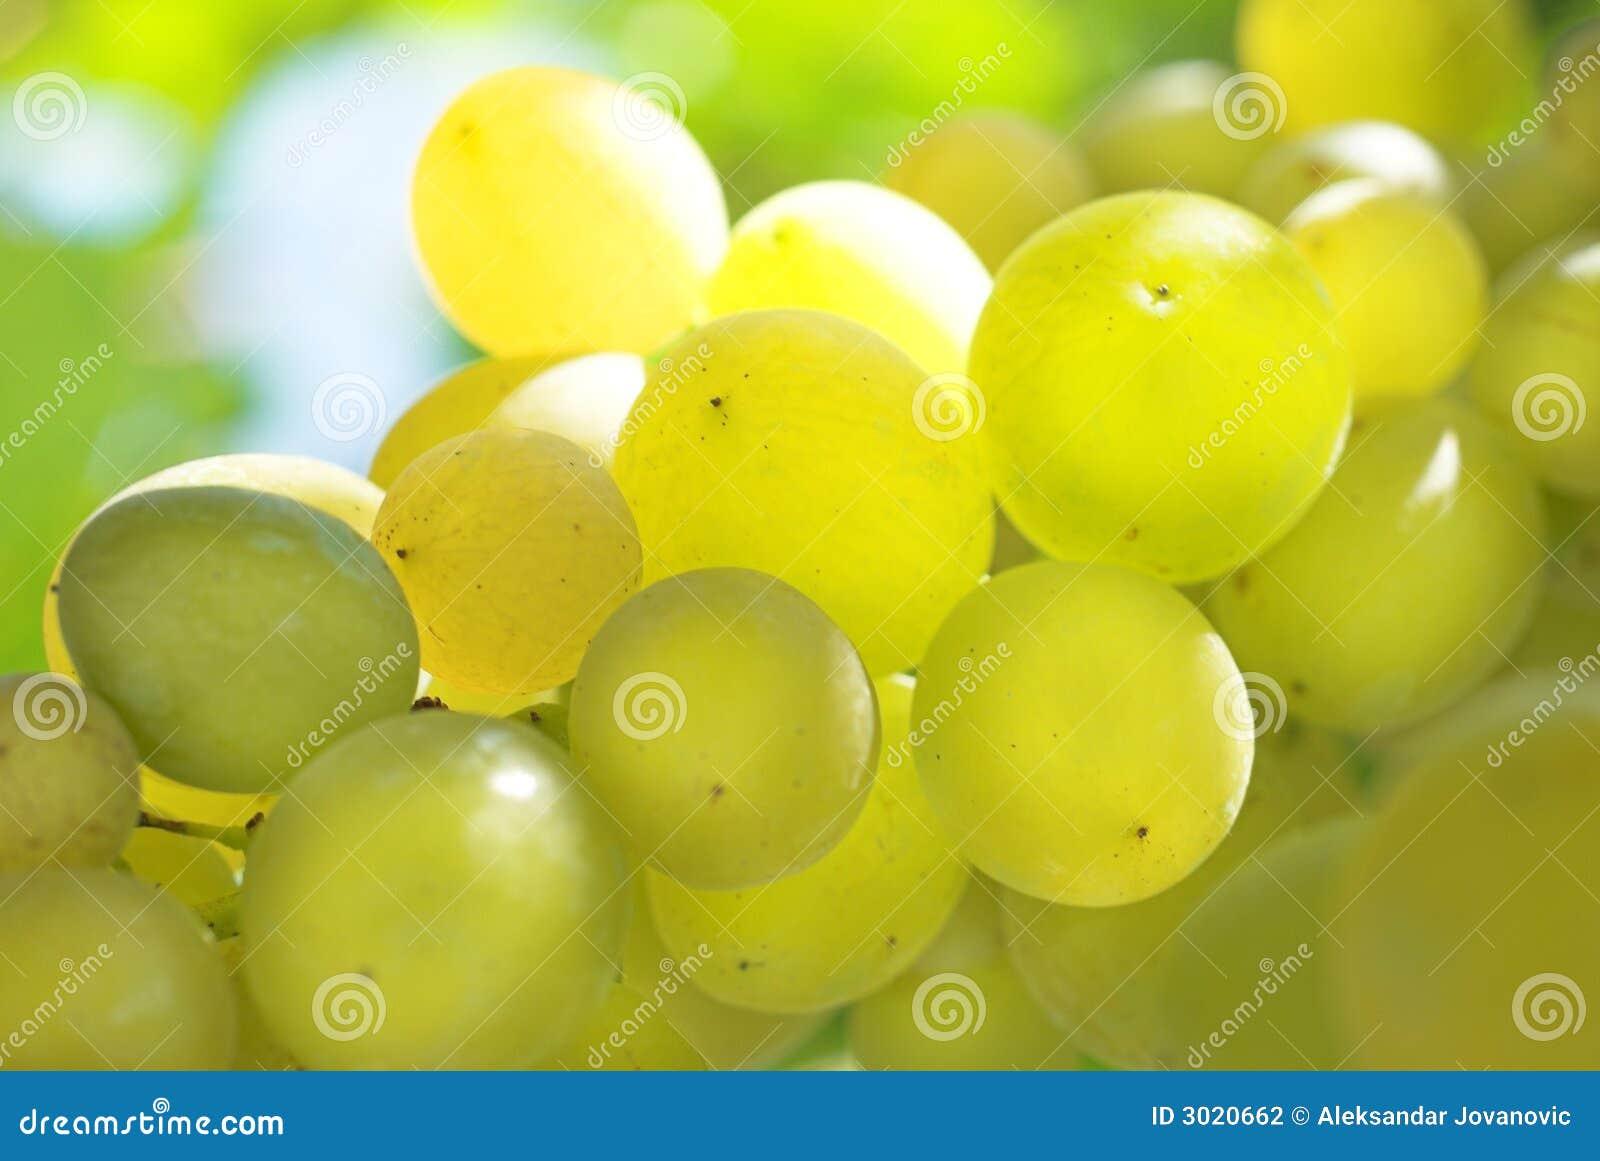 葡萄葡萄园